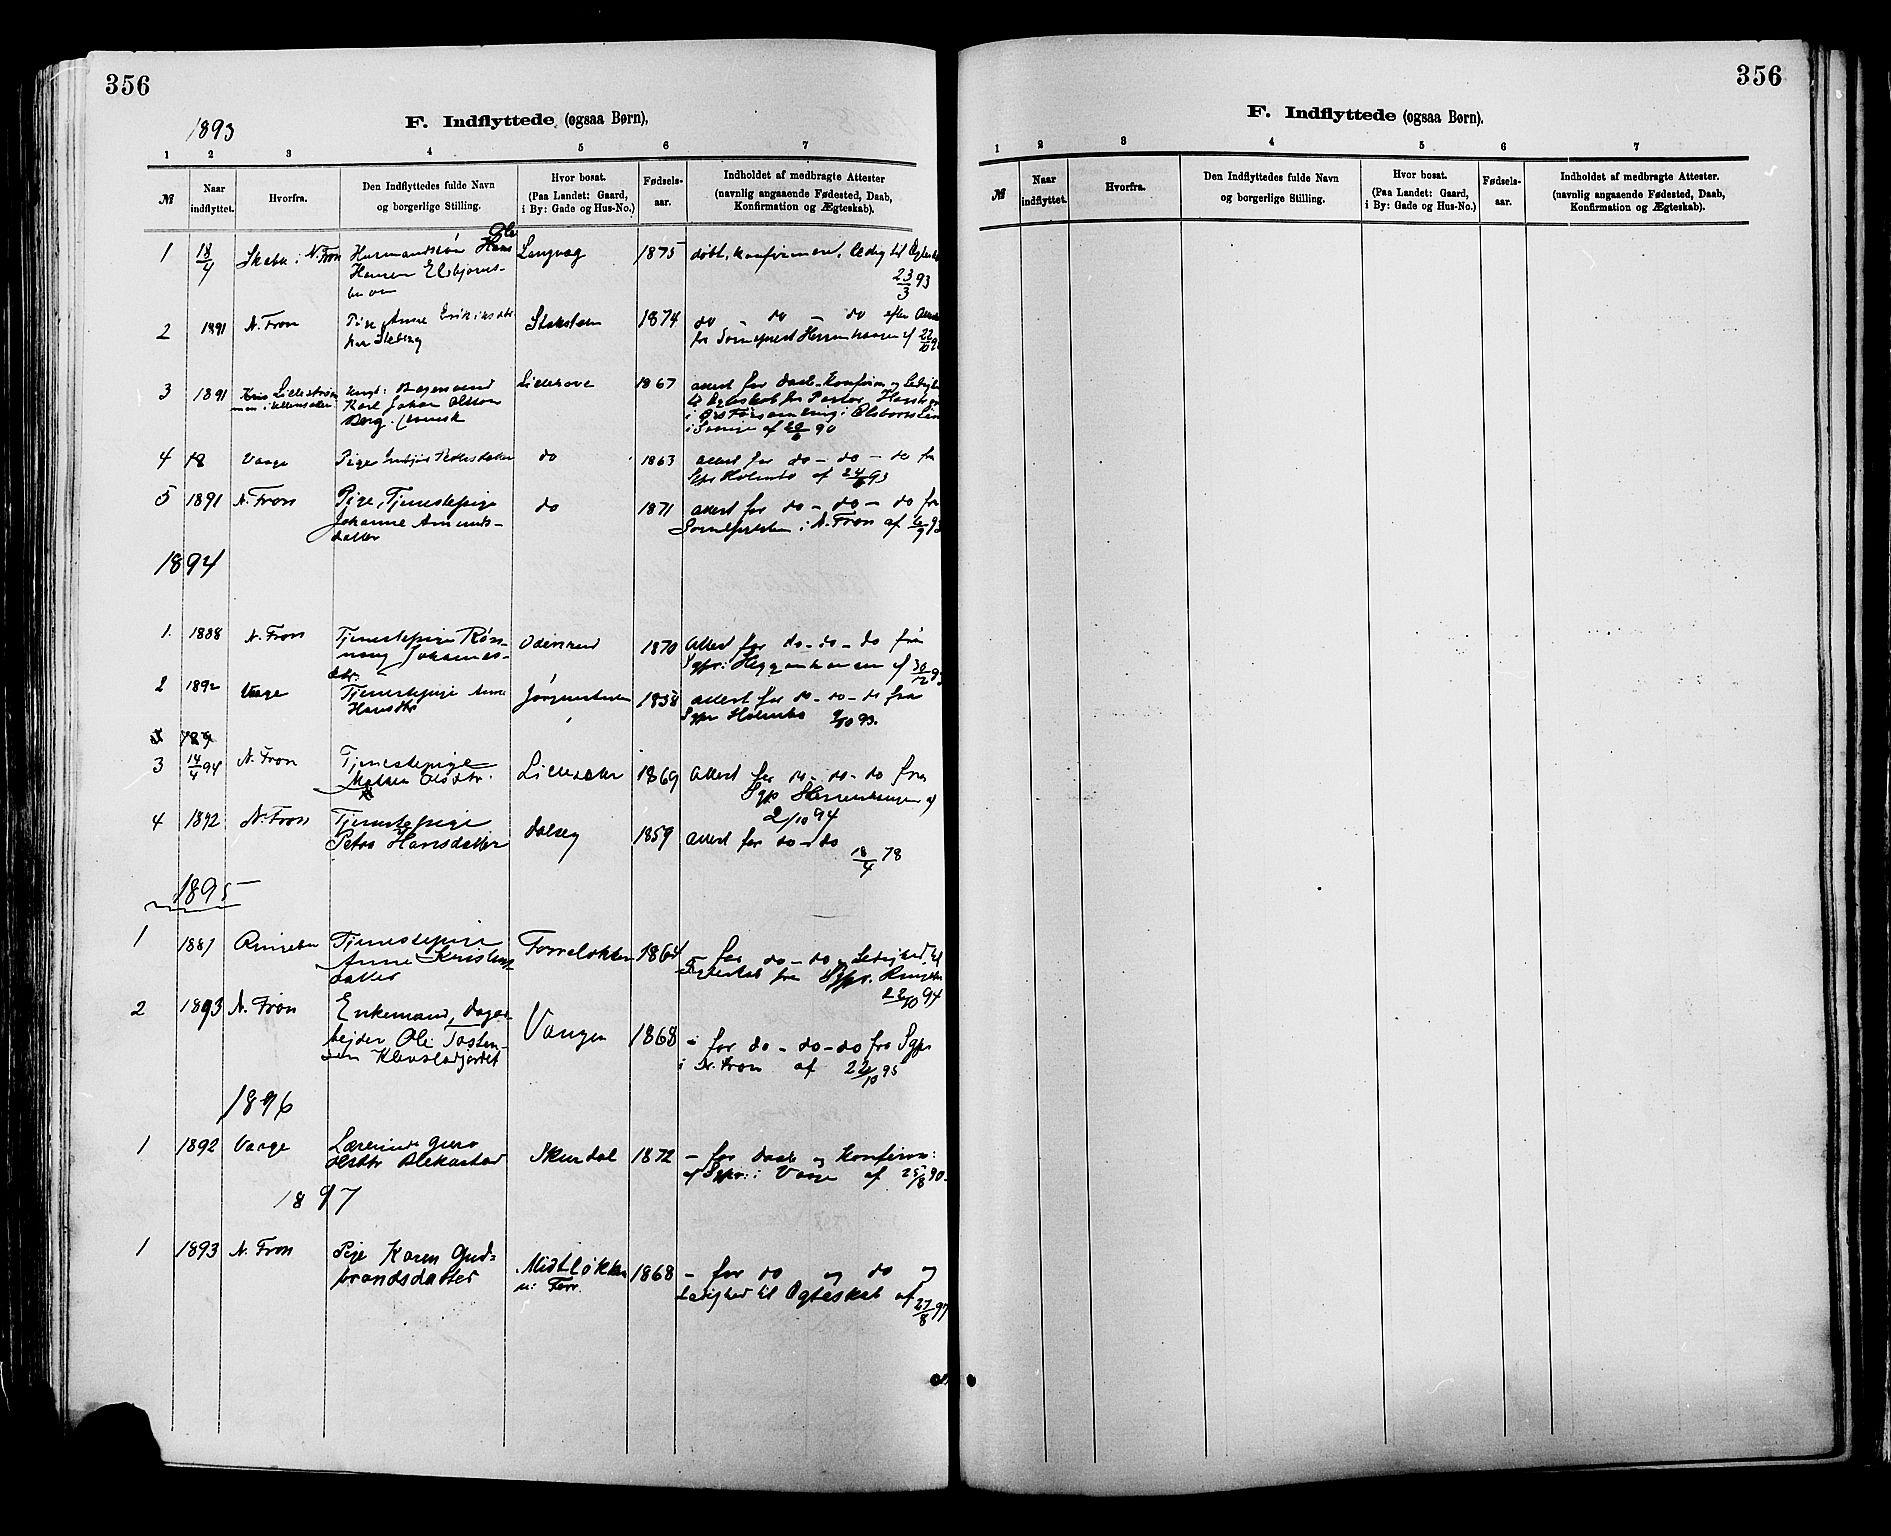 SAH, Sør-Fron prestekontor, H/Ha/Haa/L0003: Ministerialbok nr. 3, 1881-1897, s. 356